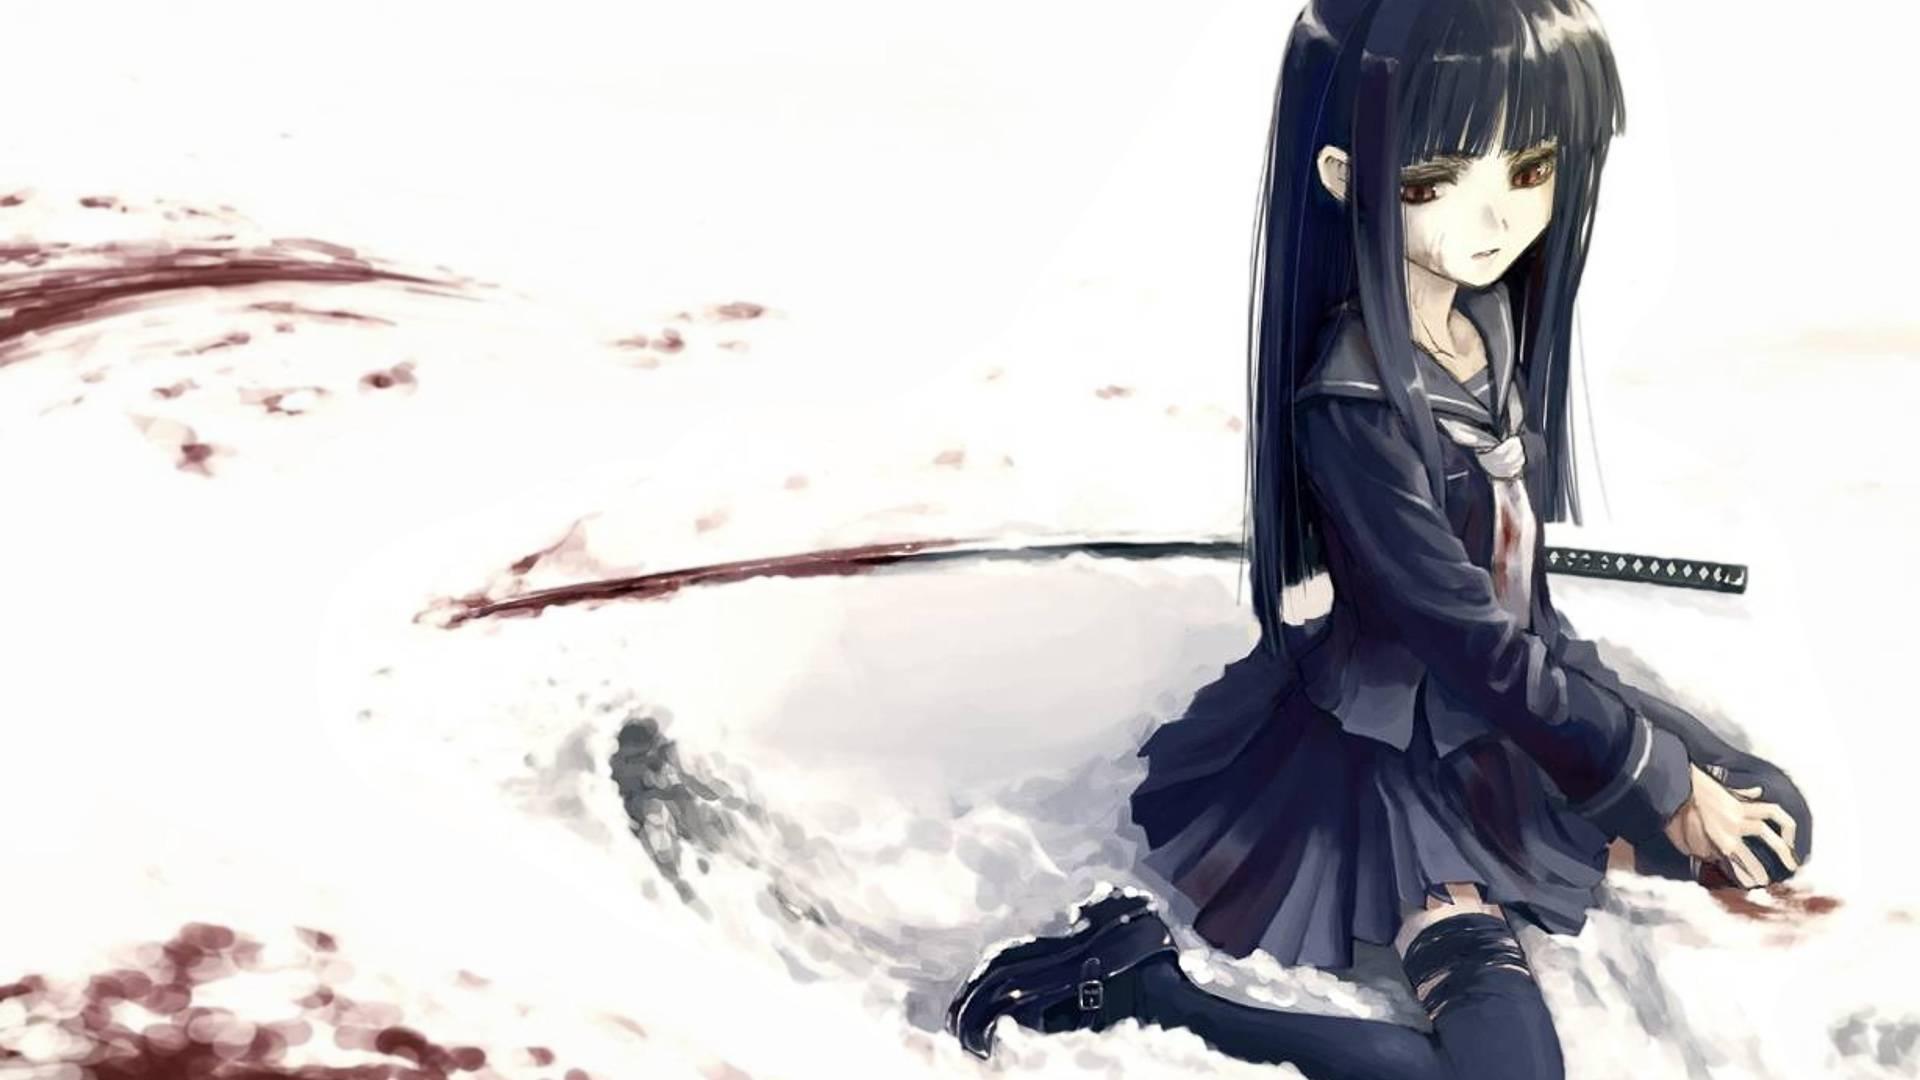 Anime Samurai Girl